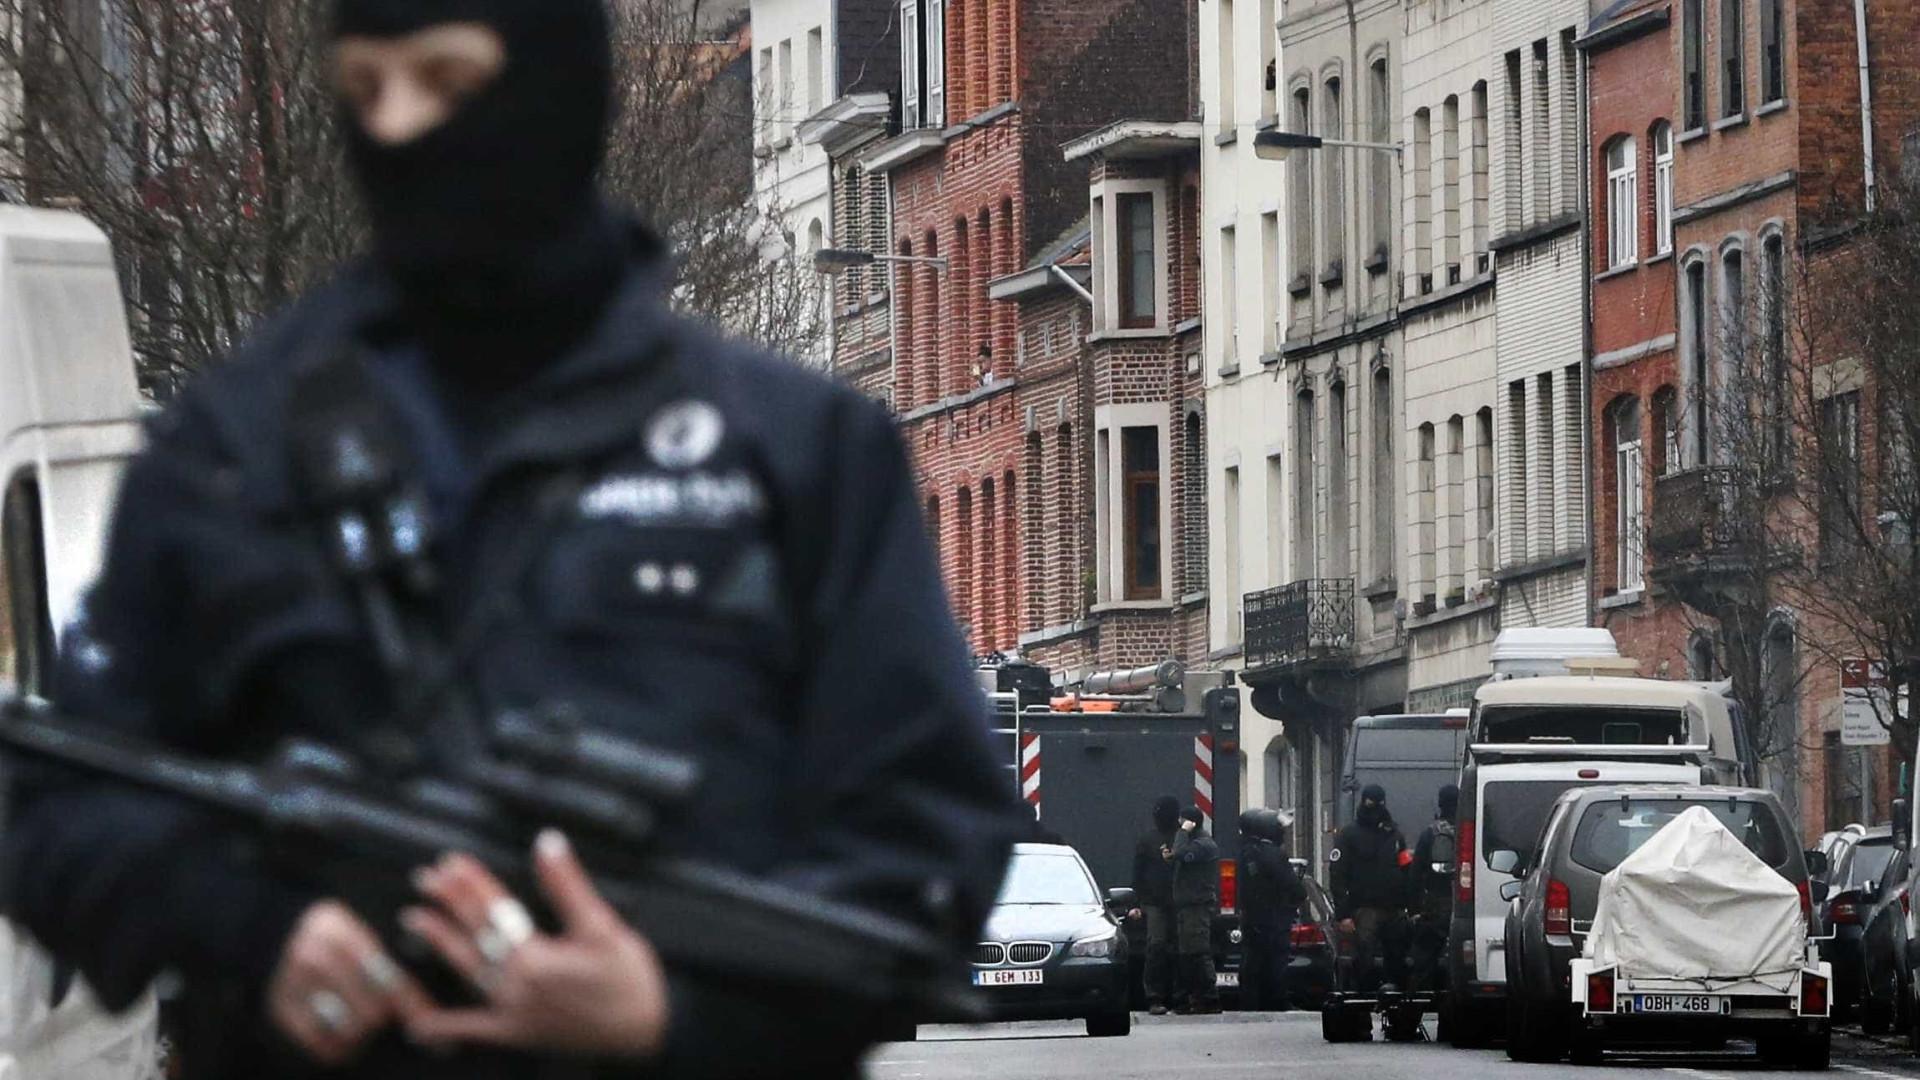 Bélgica acusa quatro pessoas de atividades terroristas após buscas